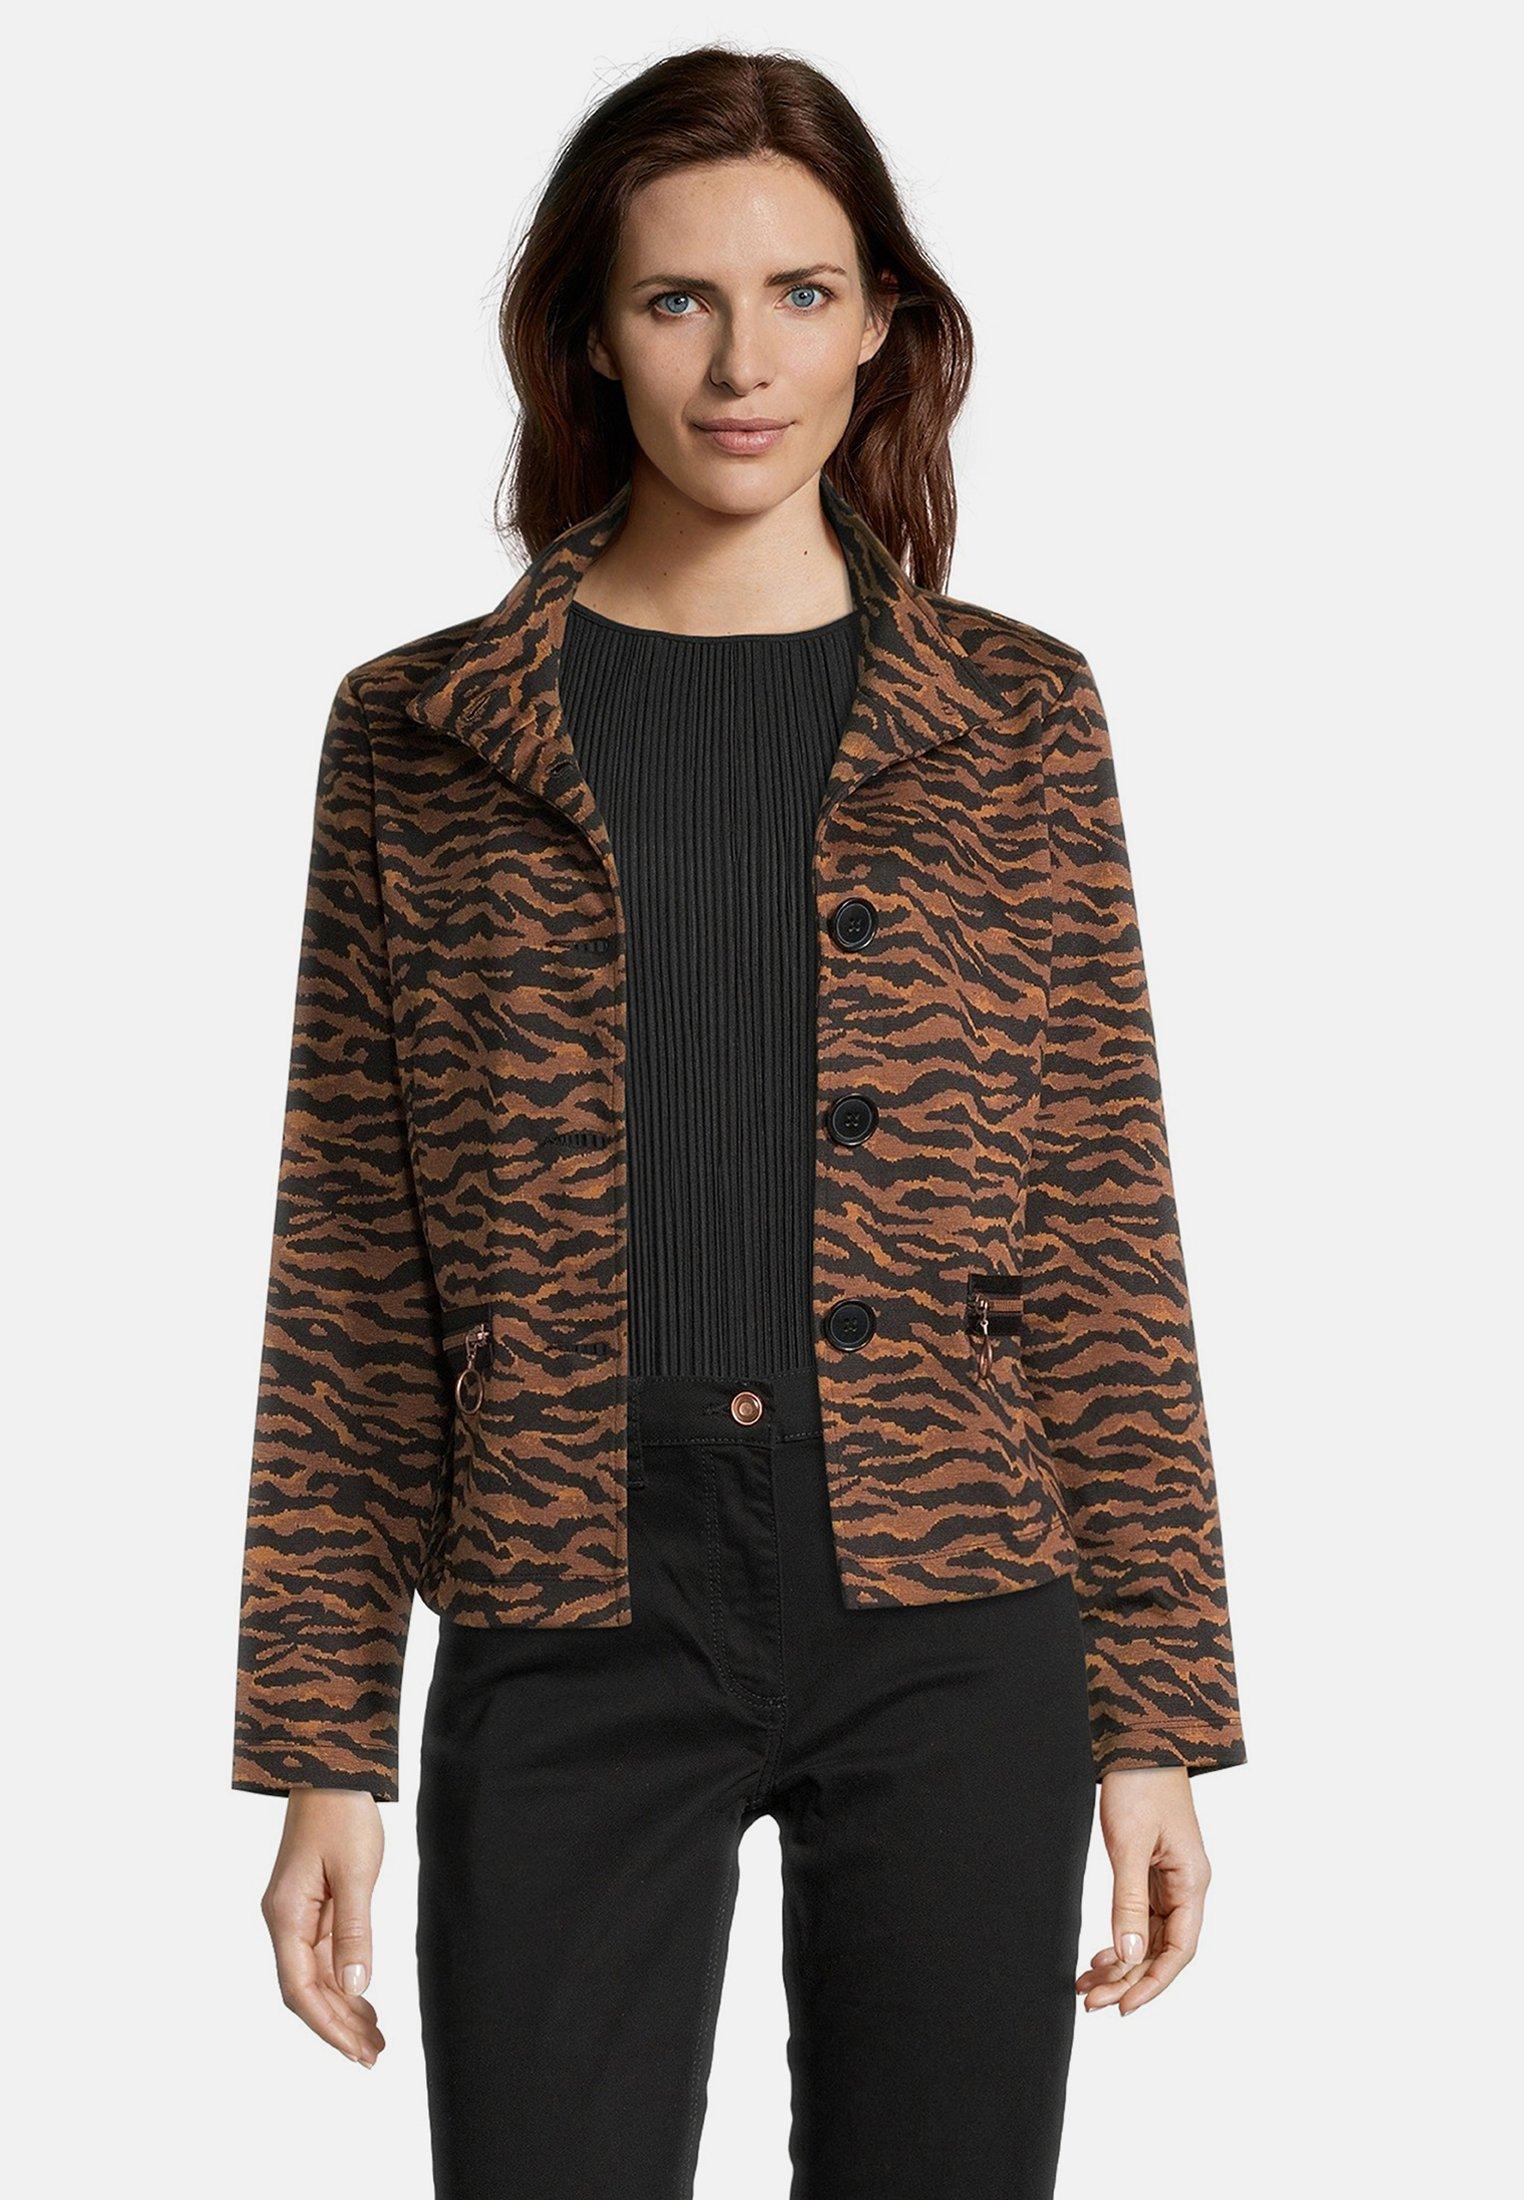 Betty Barclay MIT STEHKRAGEN - Blazer - schwarz/braun | Damenbekleidung billig